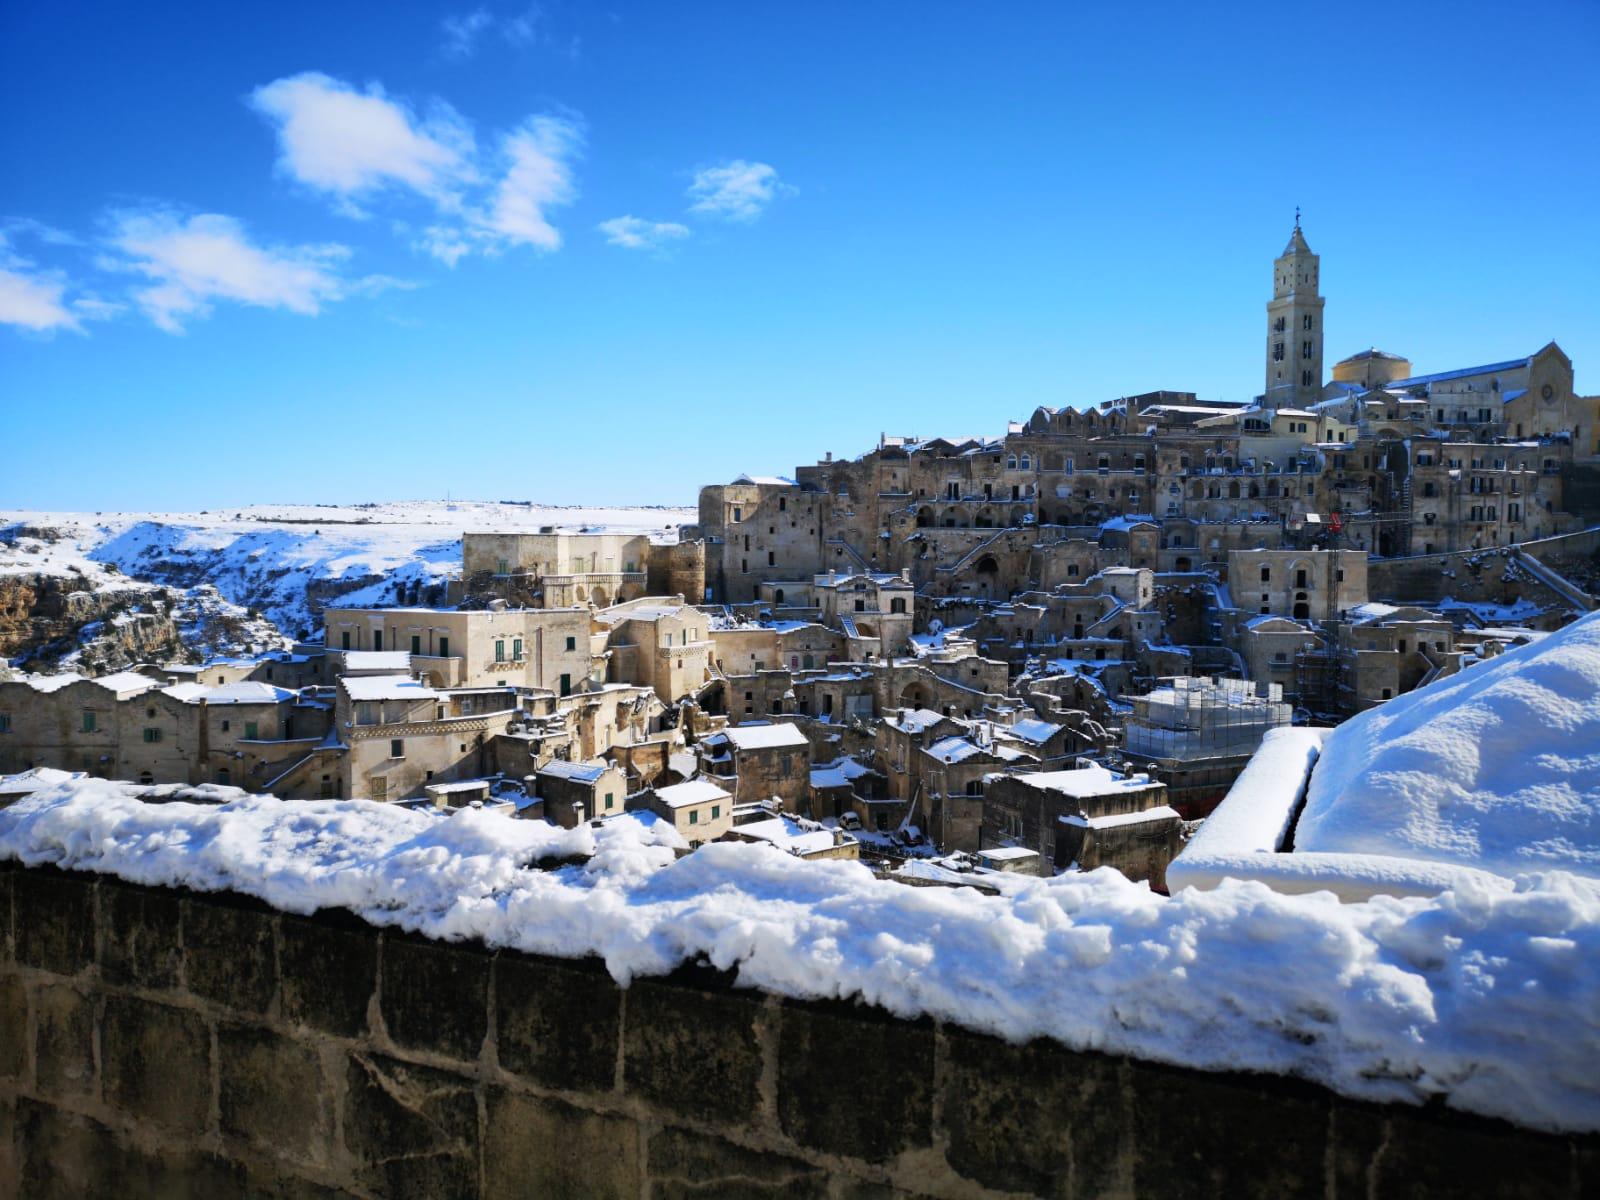 SASSI DI MATERA con la neve. Rioni Sassi: Sasso Barisano e Sasso Caveoso